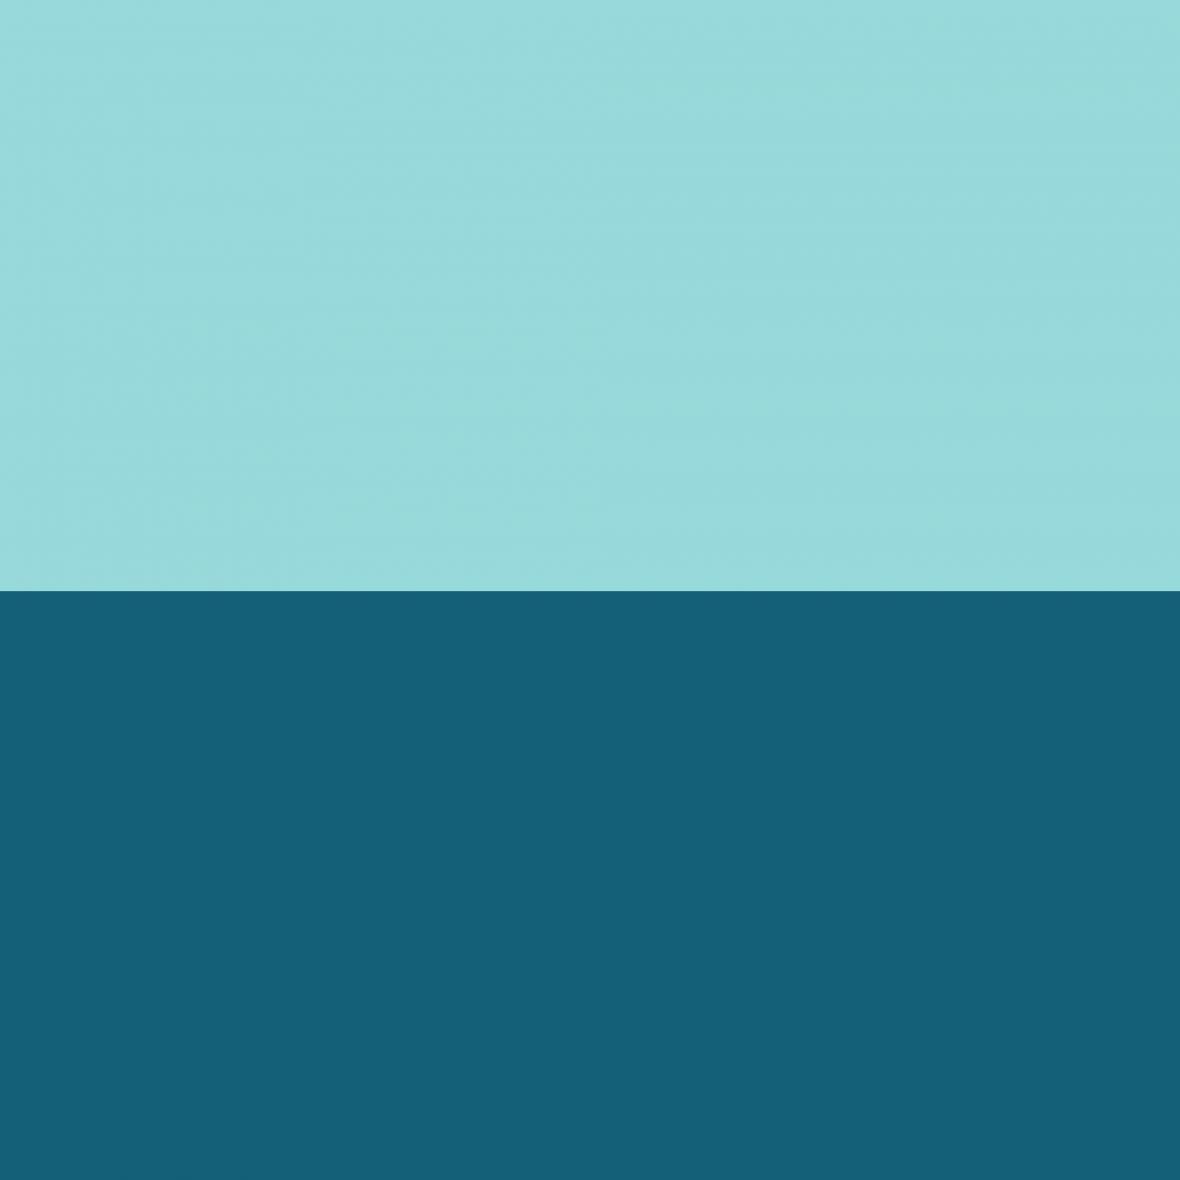 Moře, země, vzduch, #04, barevný tisk, 2016